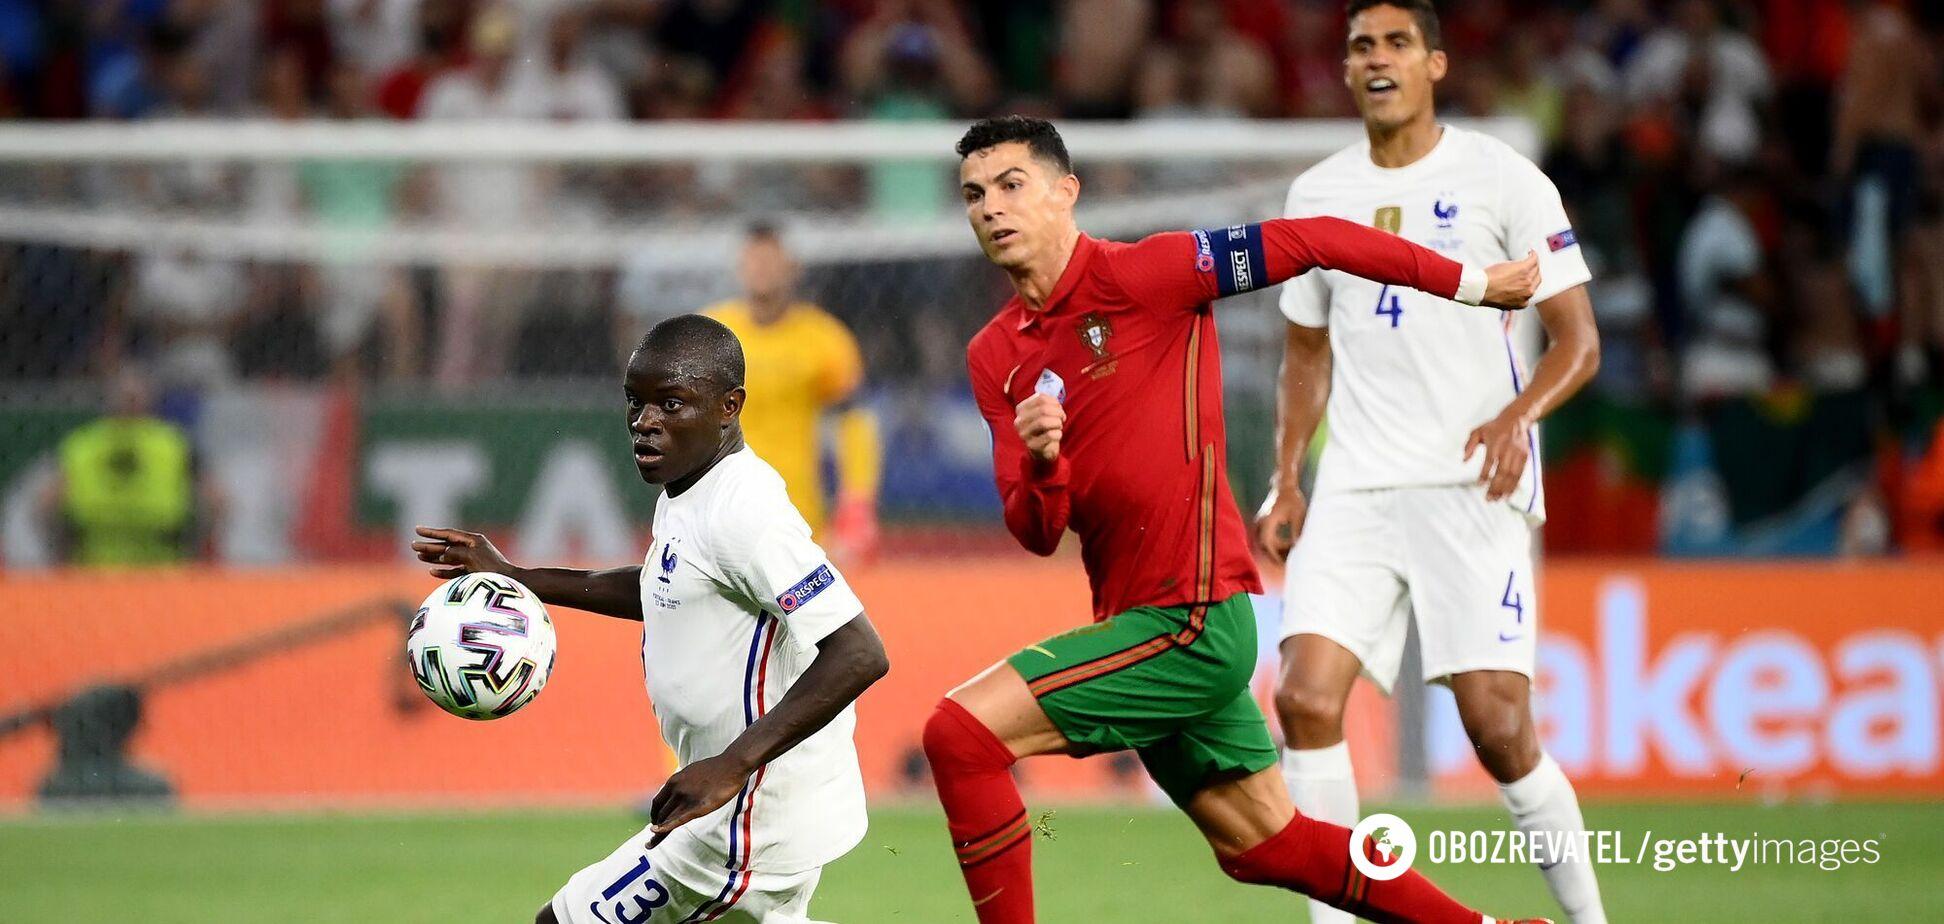 Рекорды и битва против колы: чем запомнился Роналду на Евро-2020